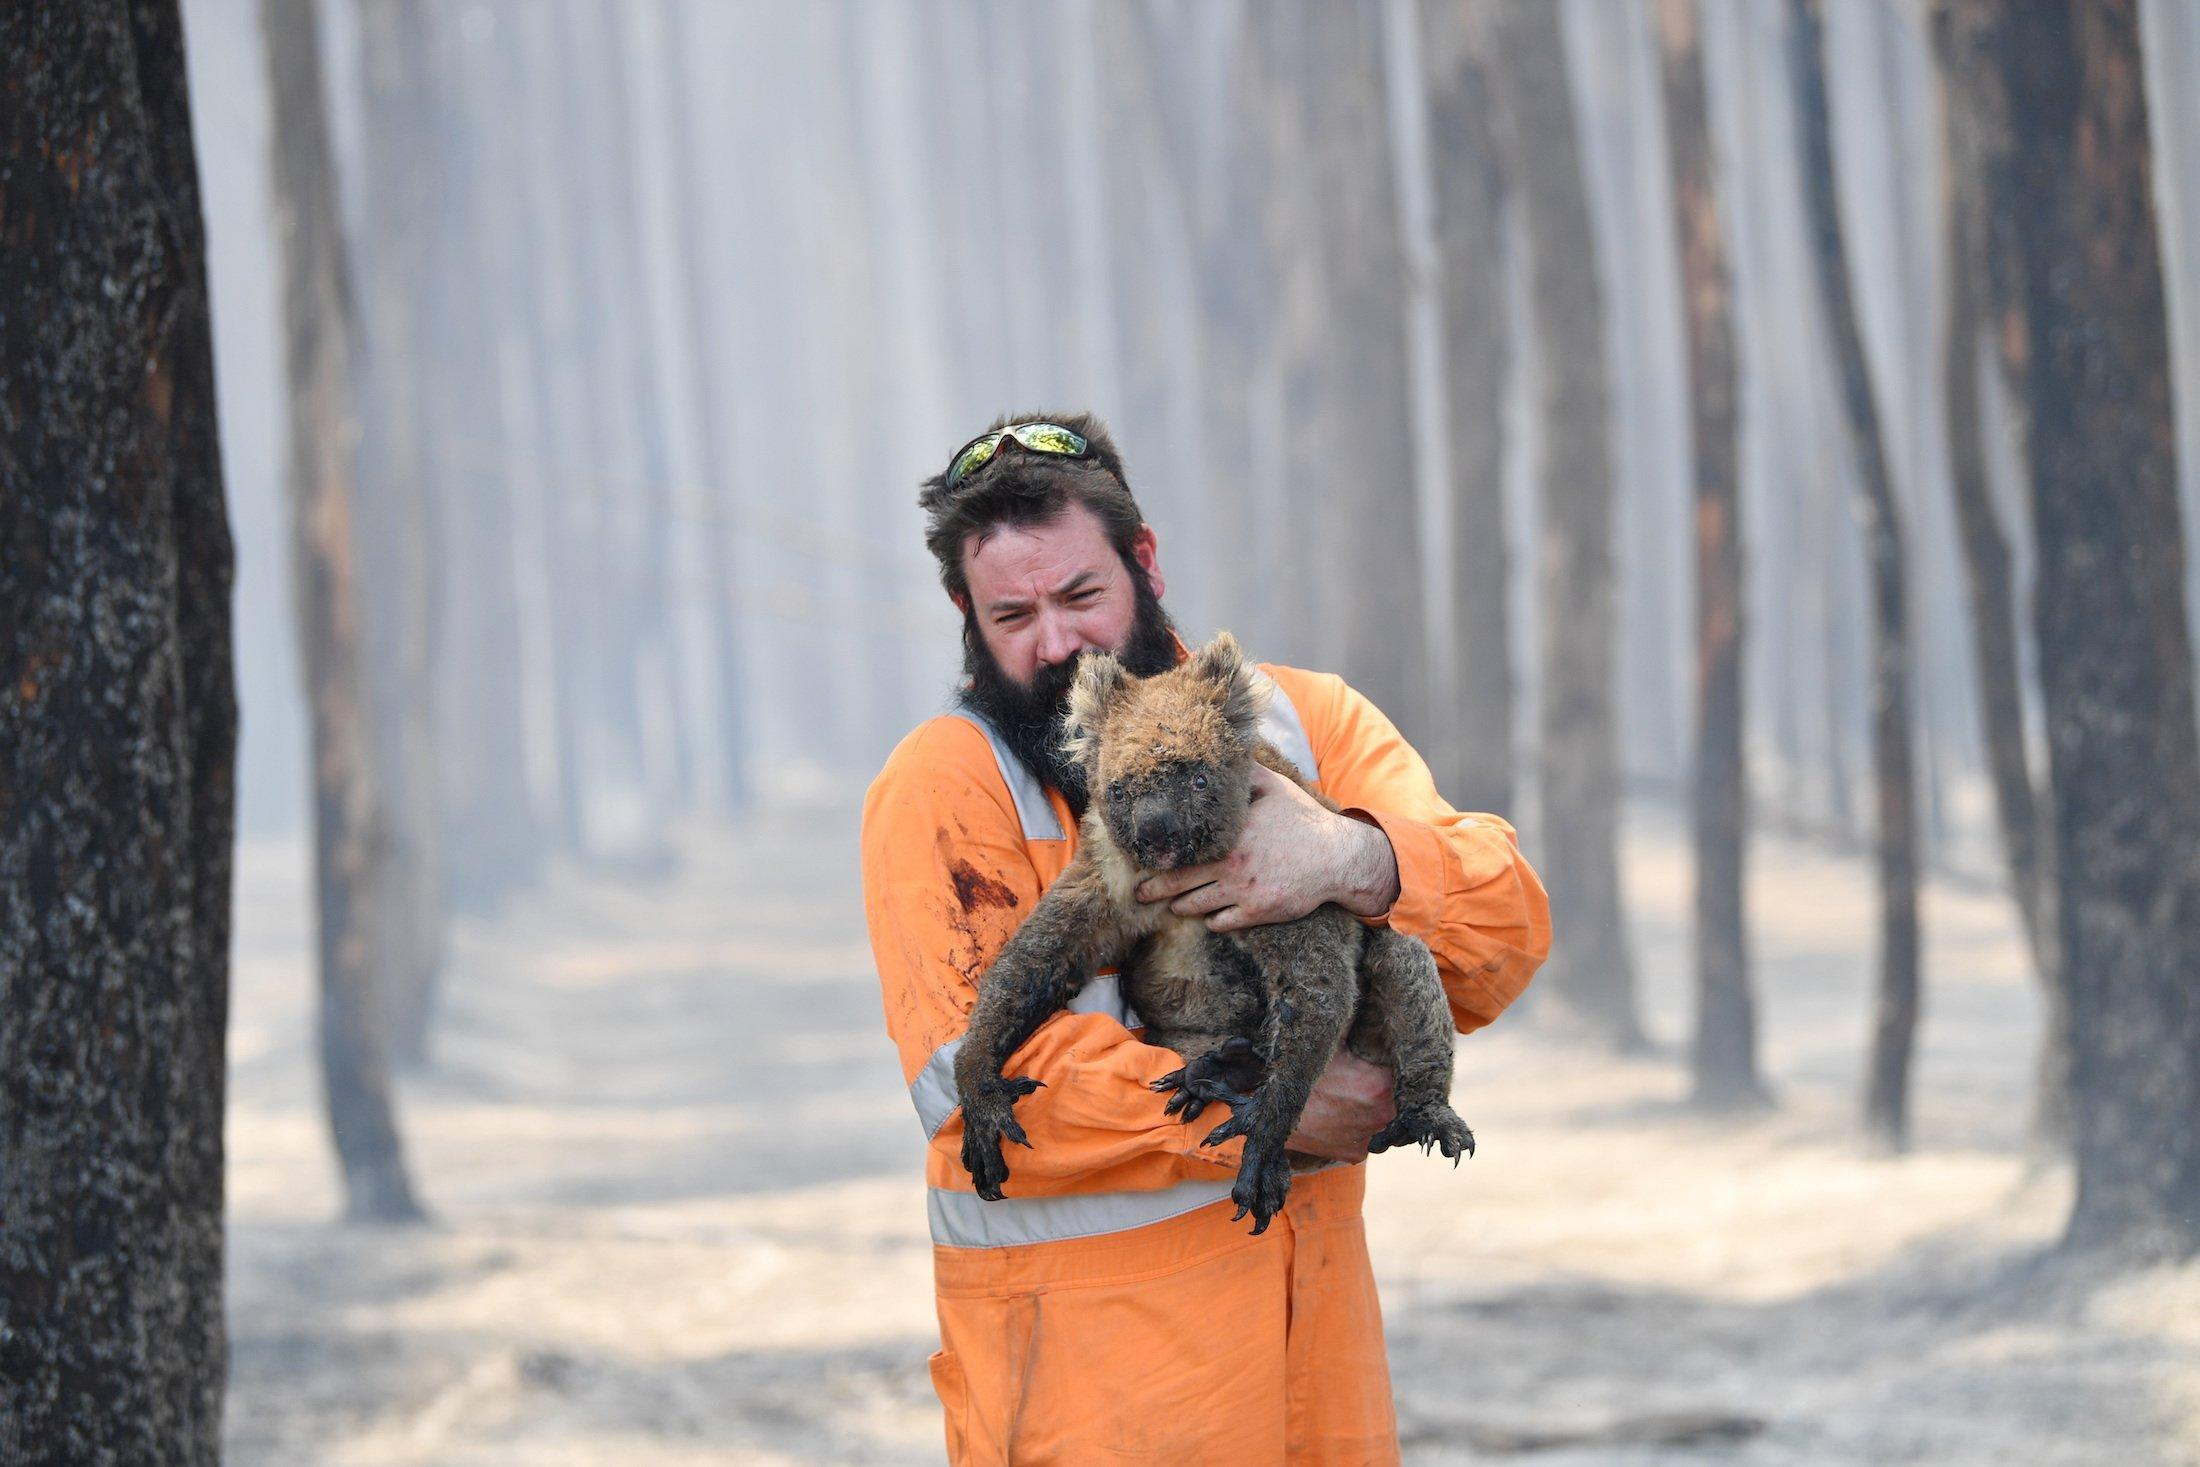 Das Bild zeigt einen bärtigen Mann inmitten eines komplett abgebrannten Waldes, der einen verletzten Koala in seinen Armen hält und zu retten versucht. Beide wirken verzweifelt.